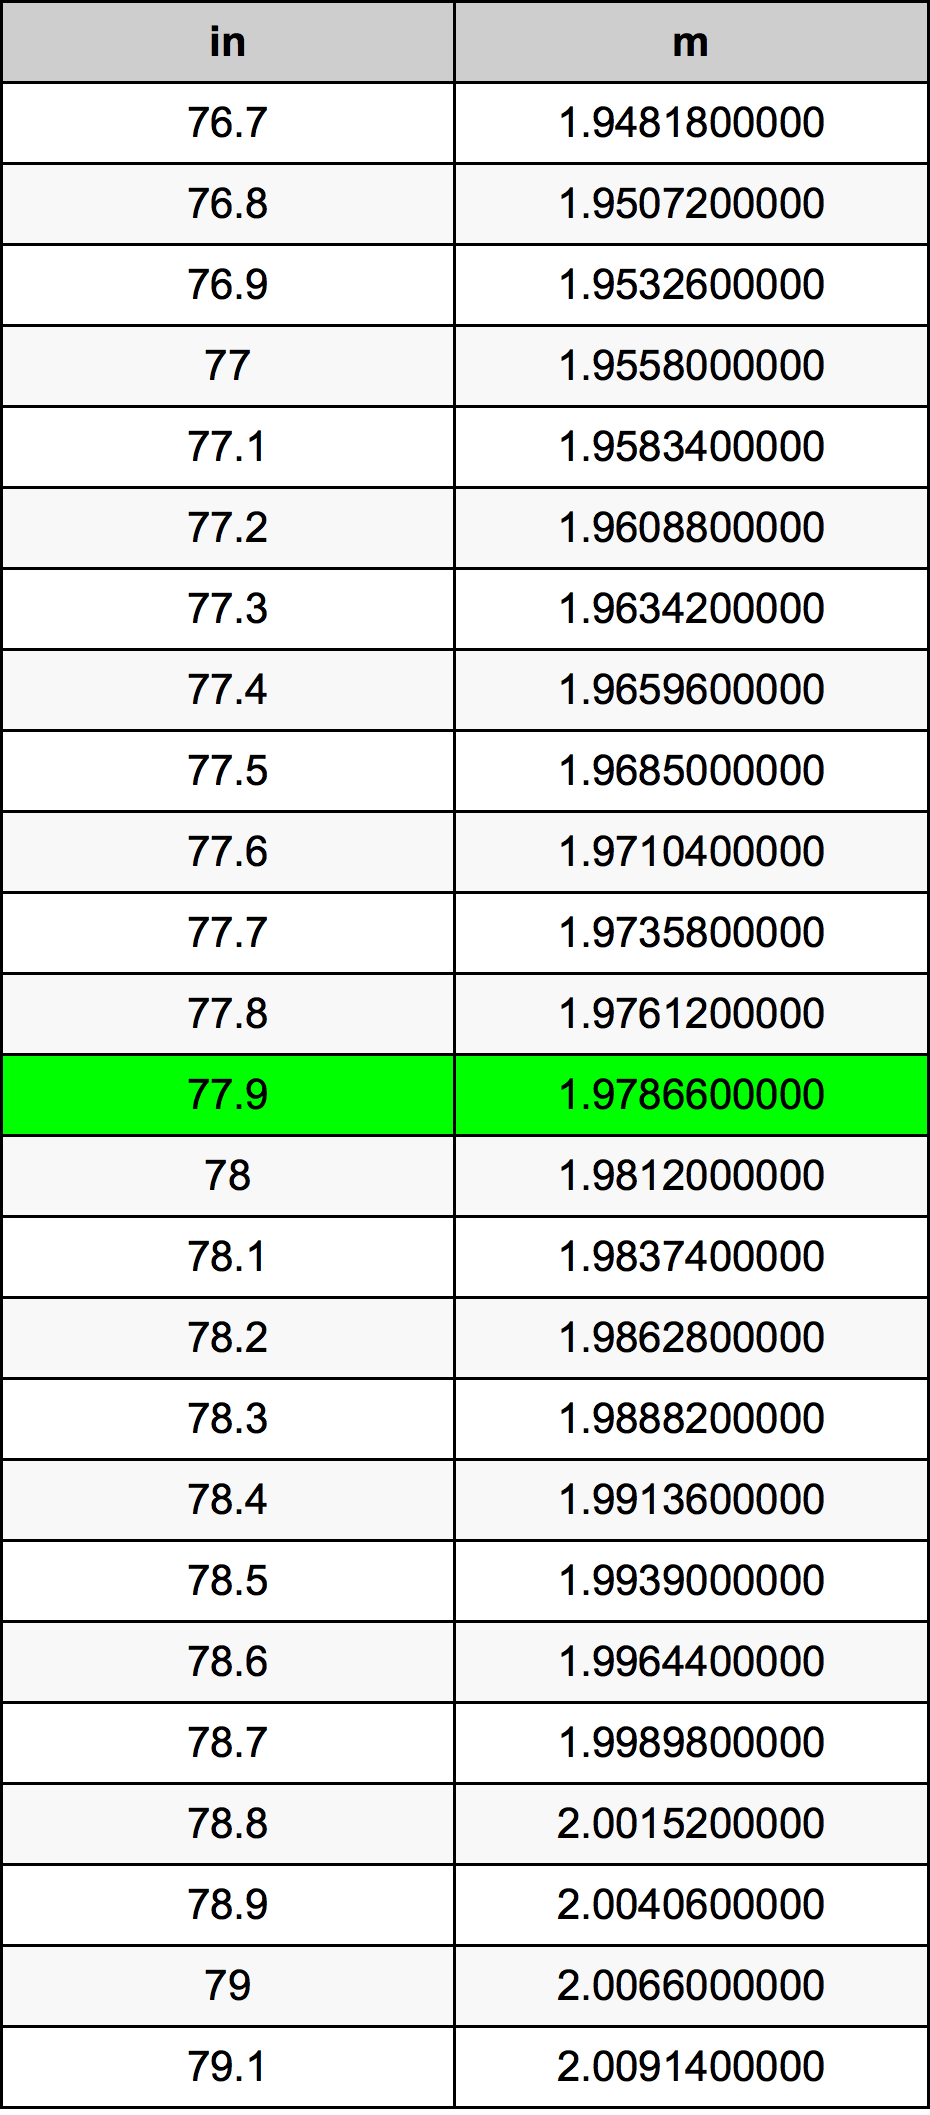 77.9 Țol tabelul de conversie